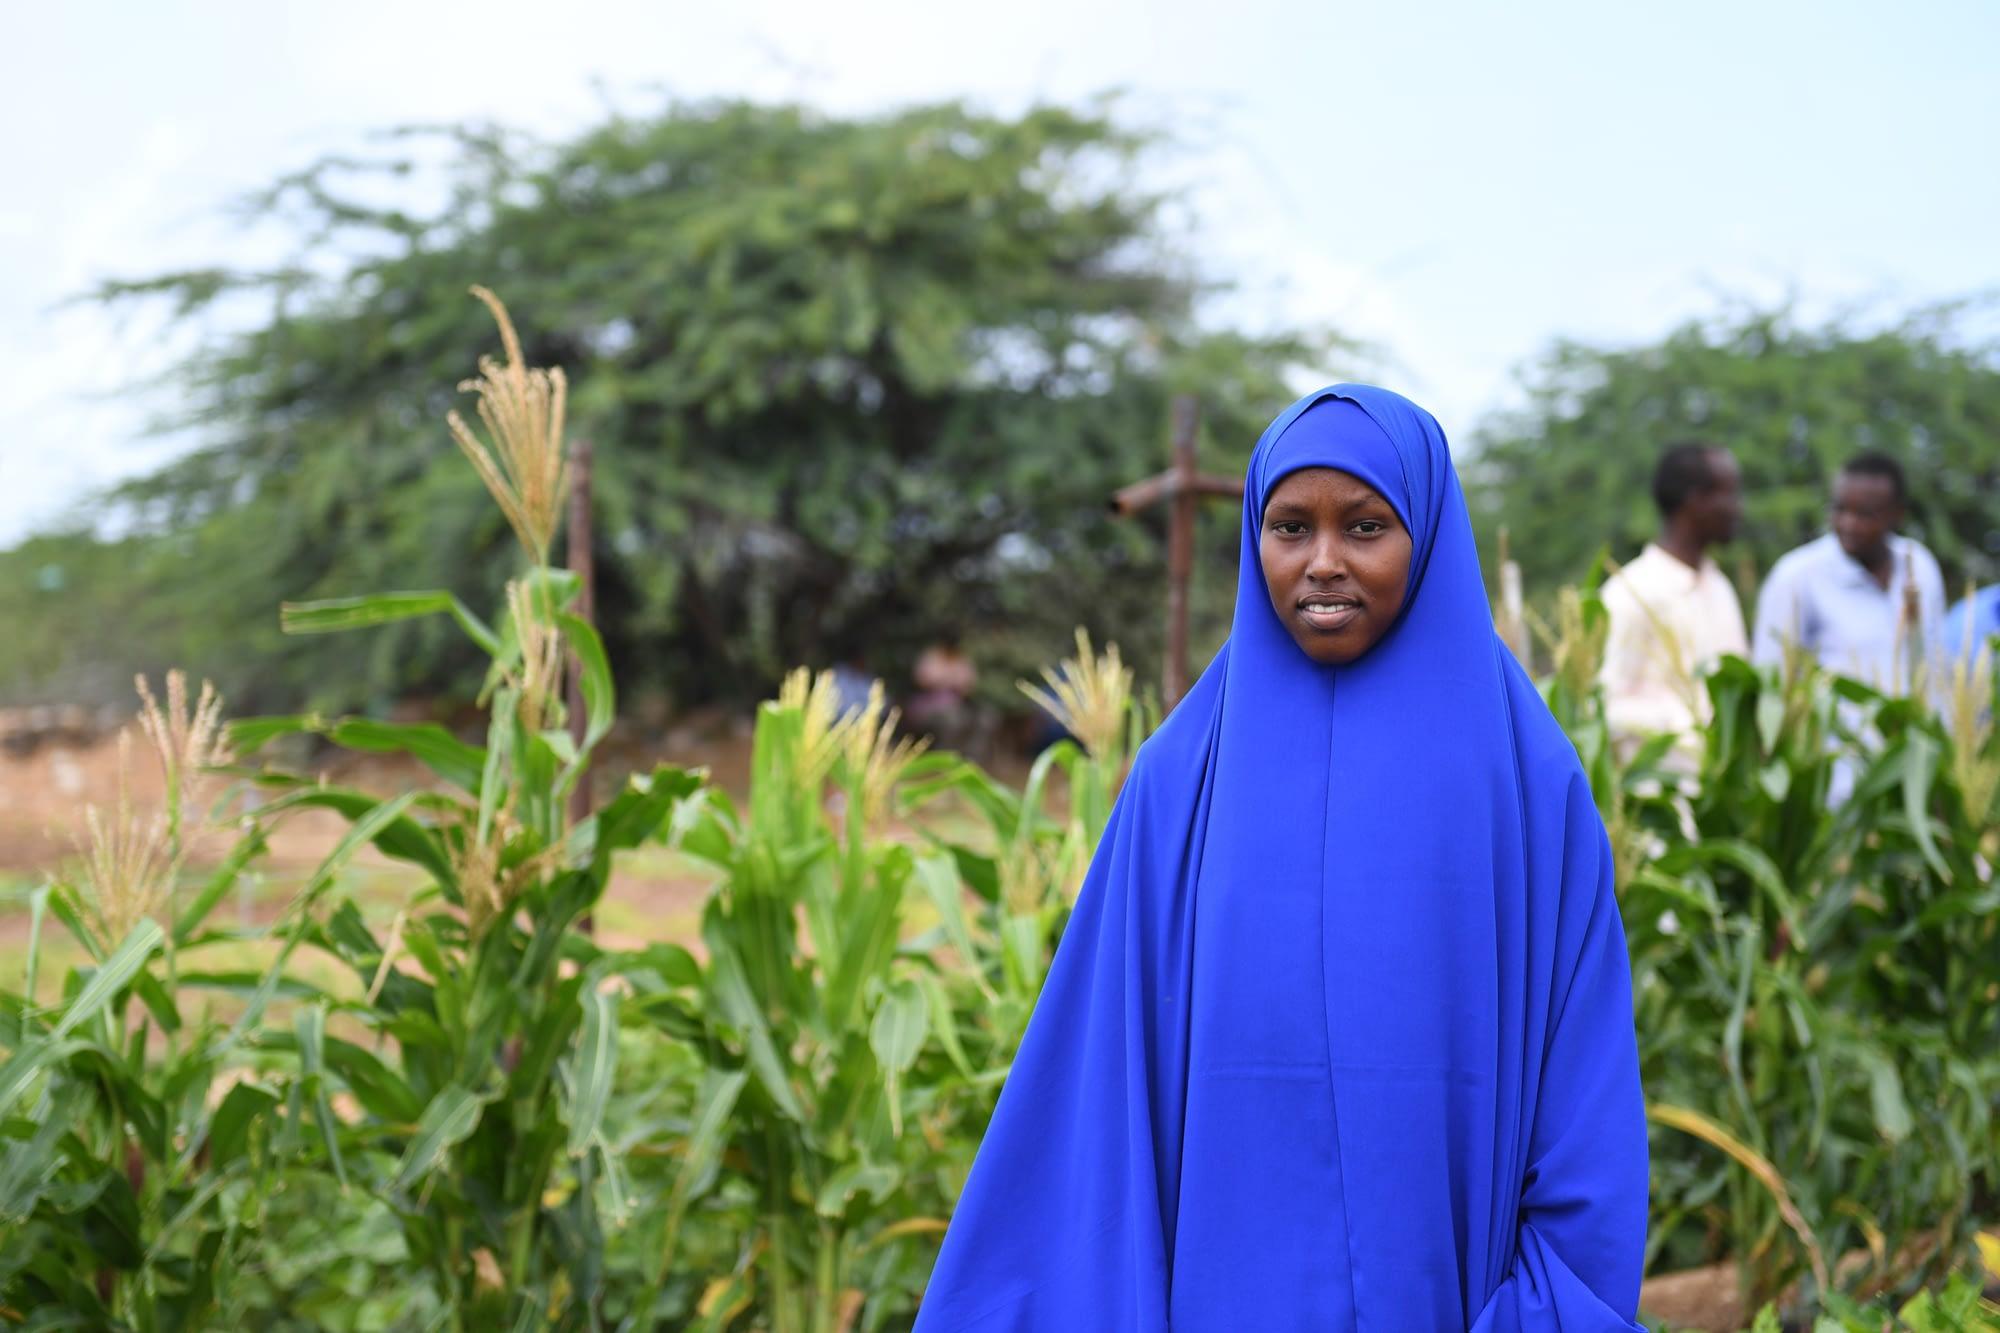 Somali woman in field.